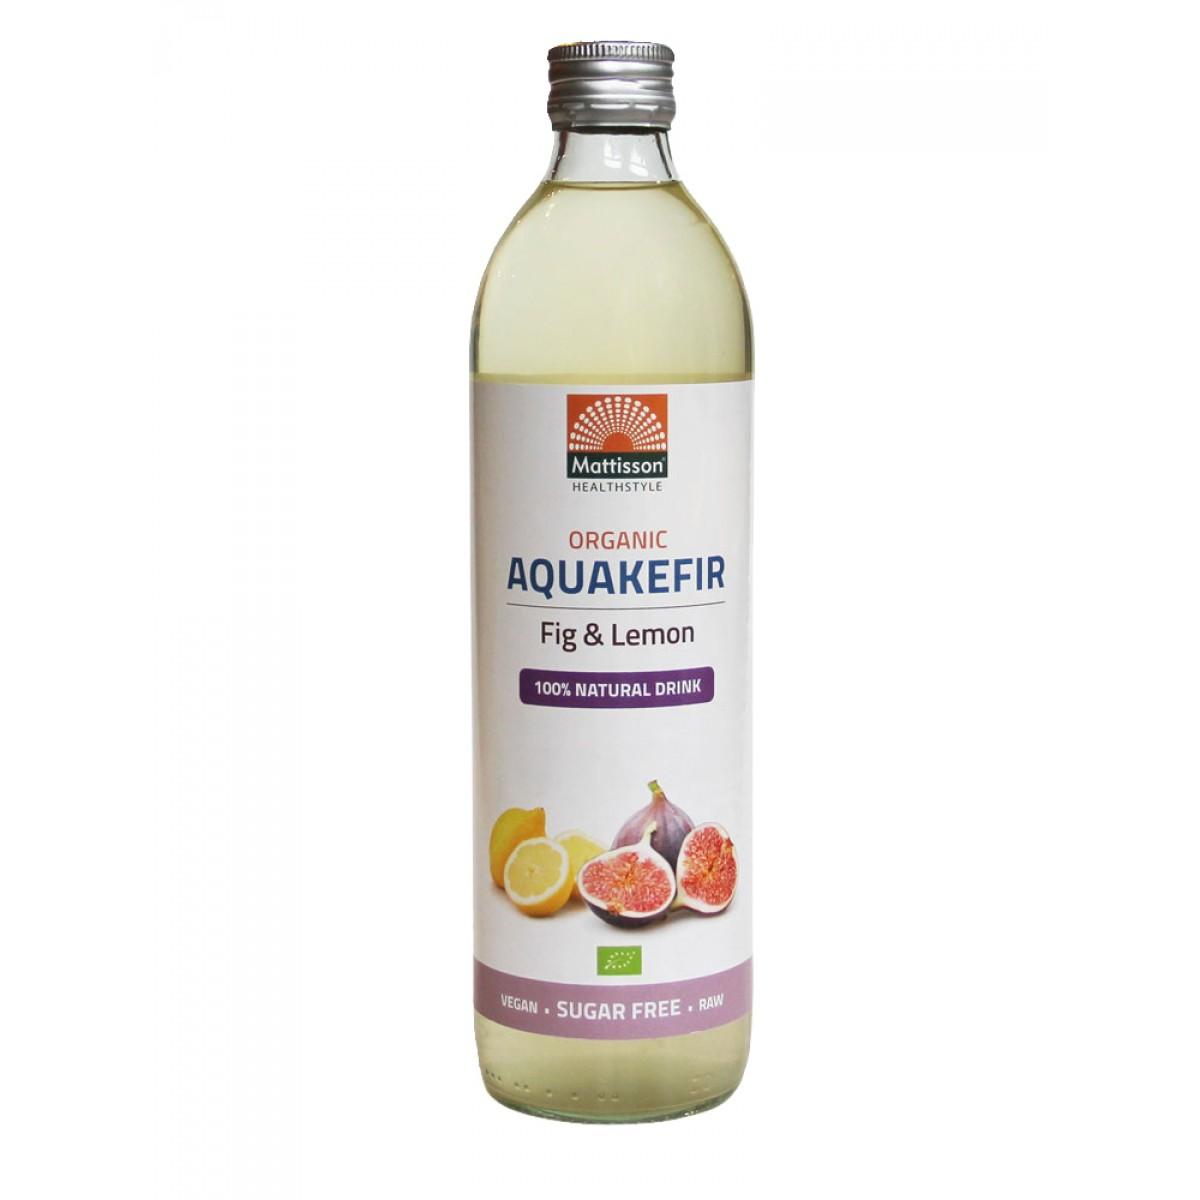 Aquakefir Vijgen & Citrus